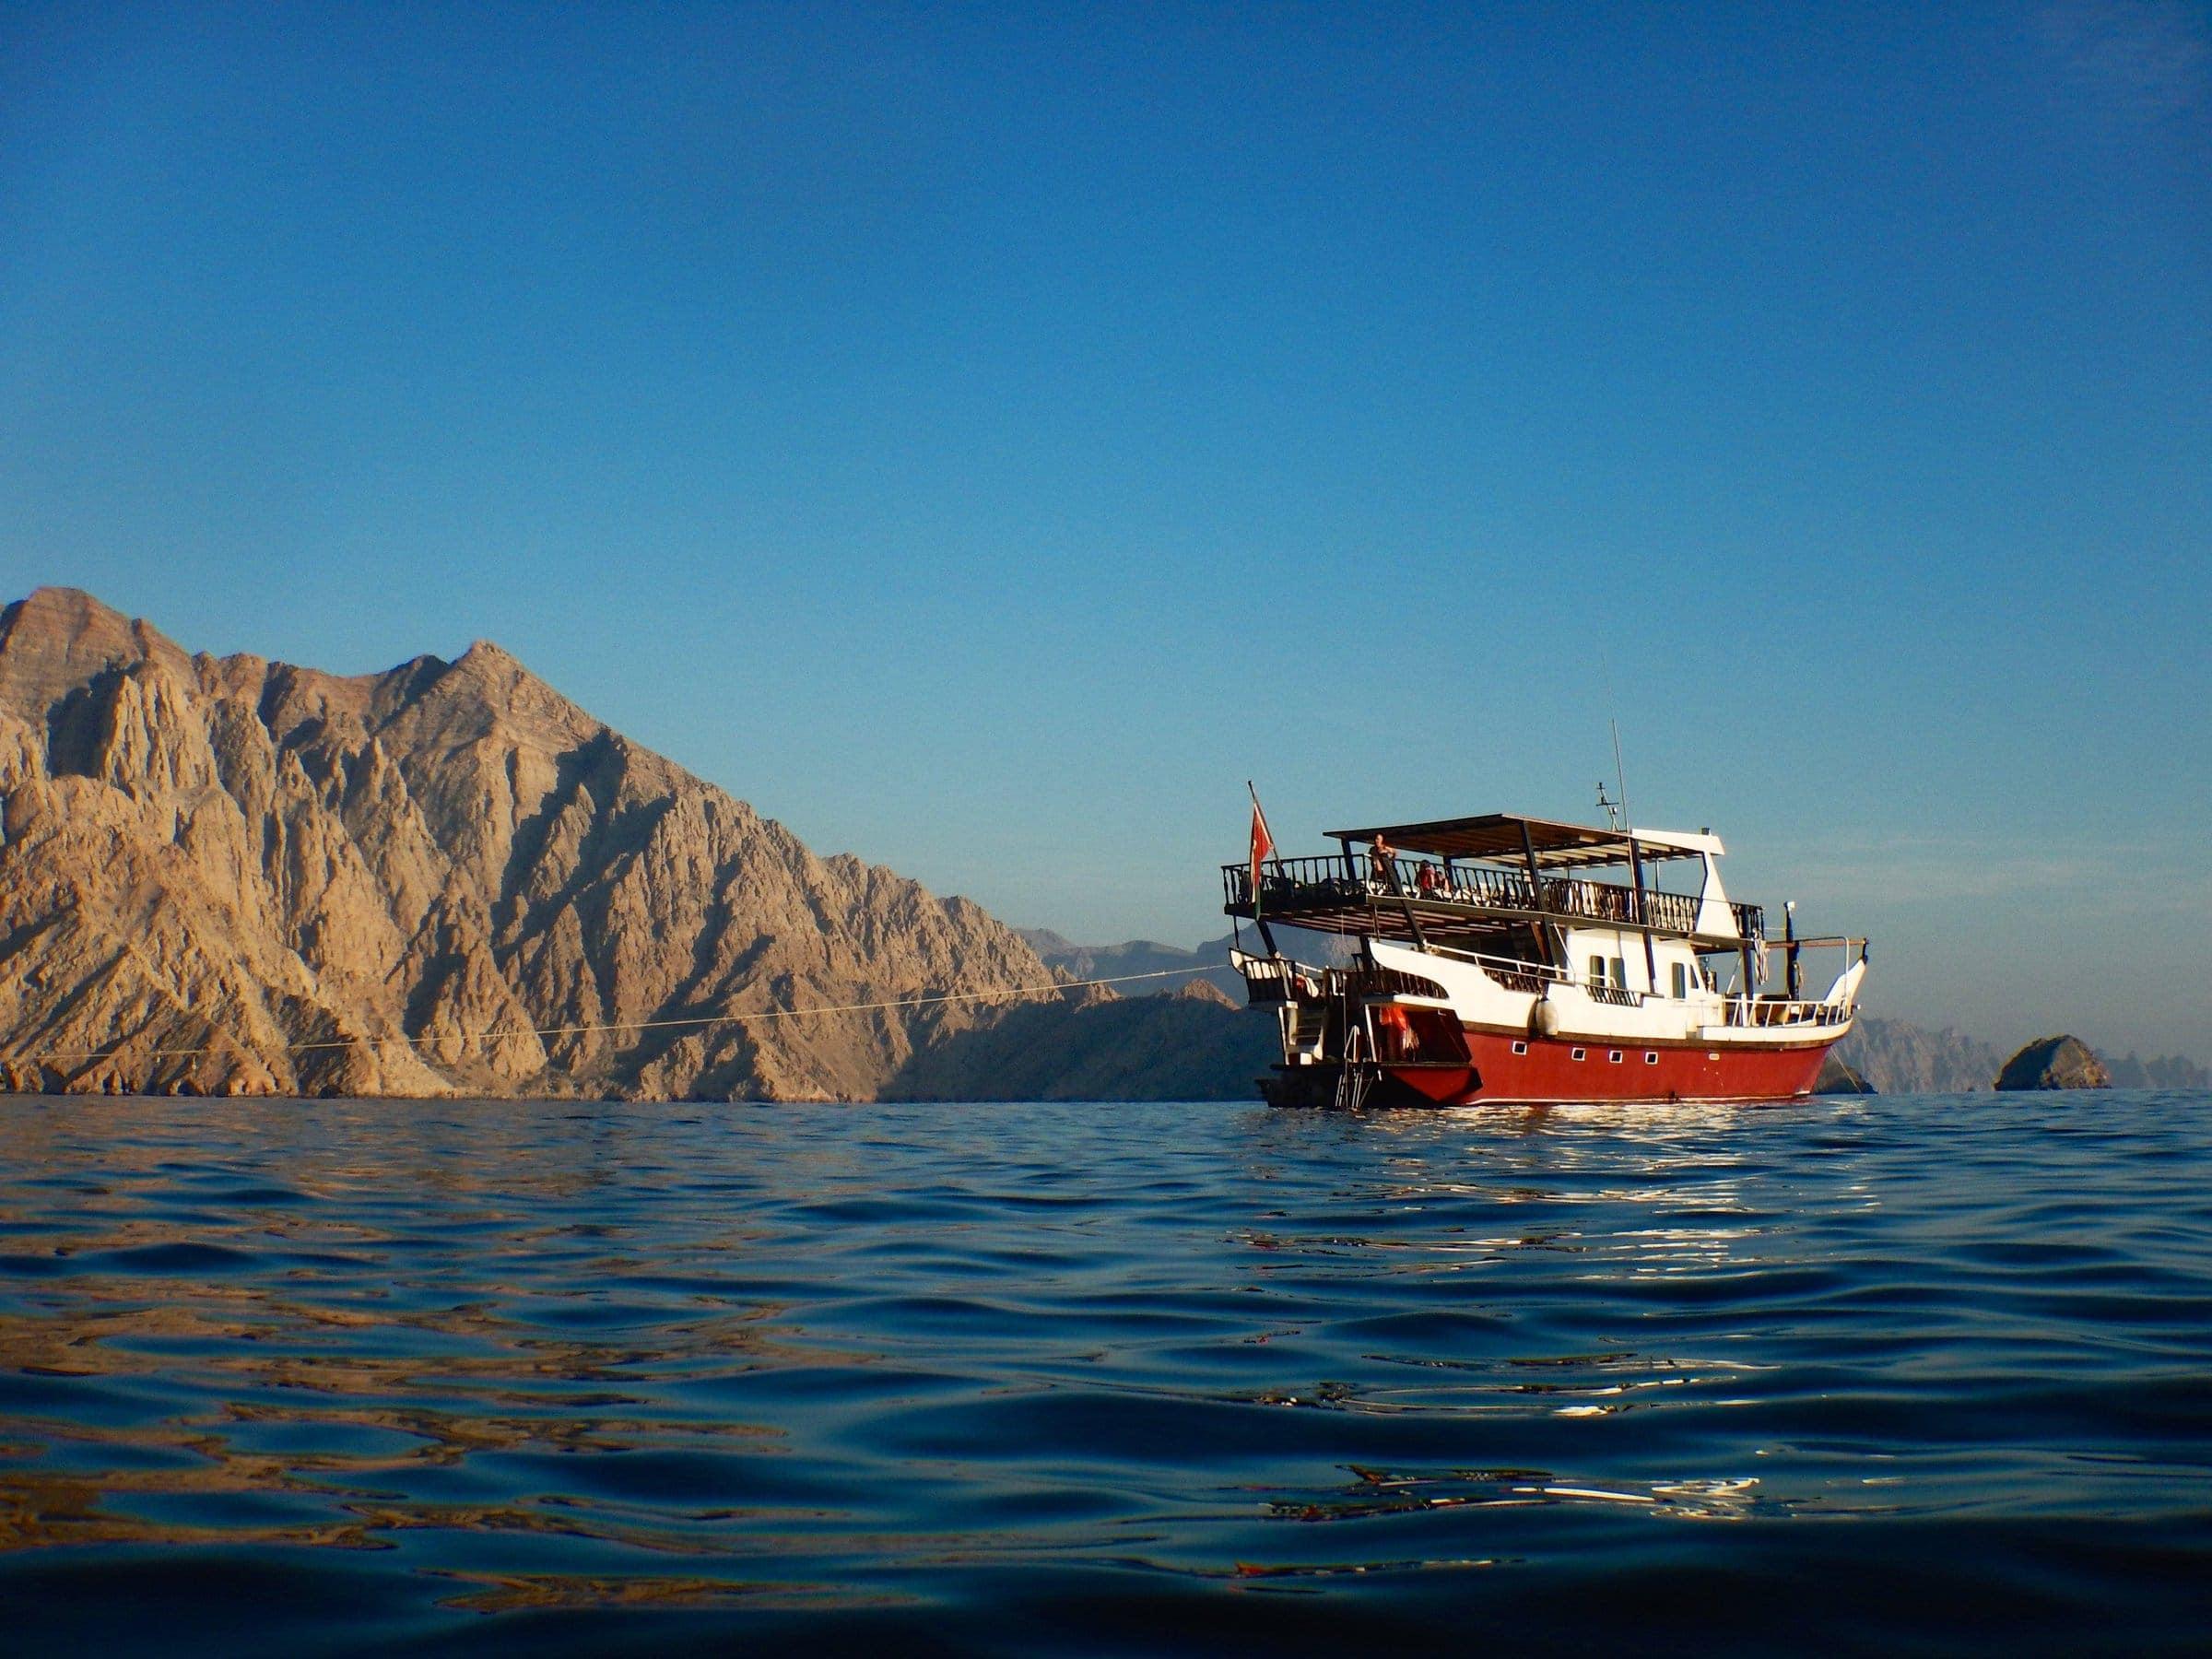 Dhau an der Steilküste von Musandam Oman